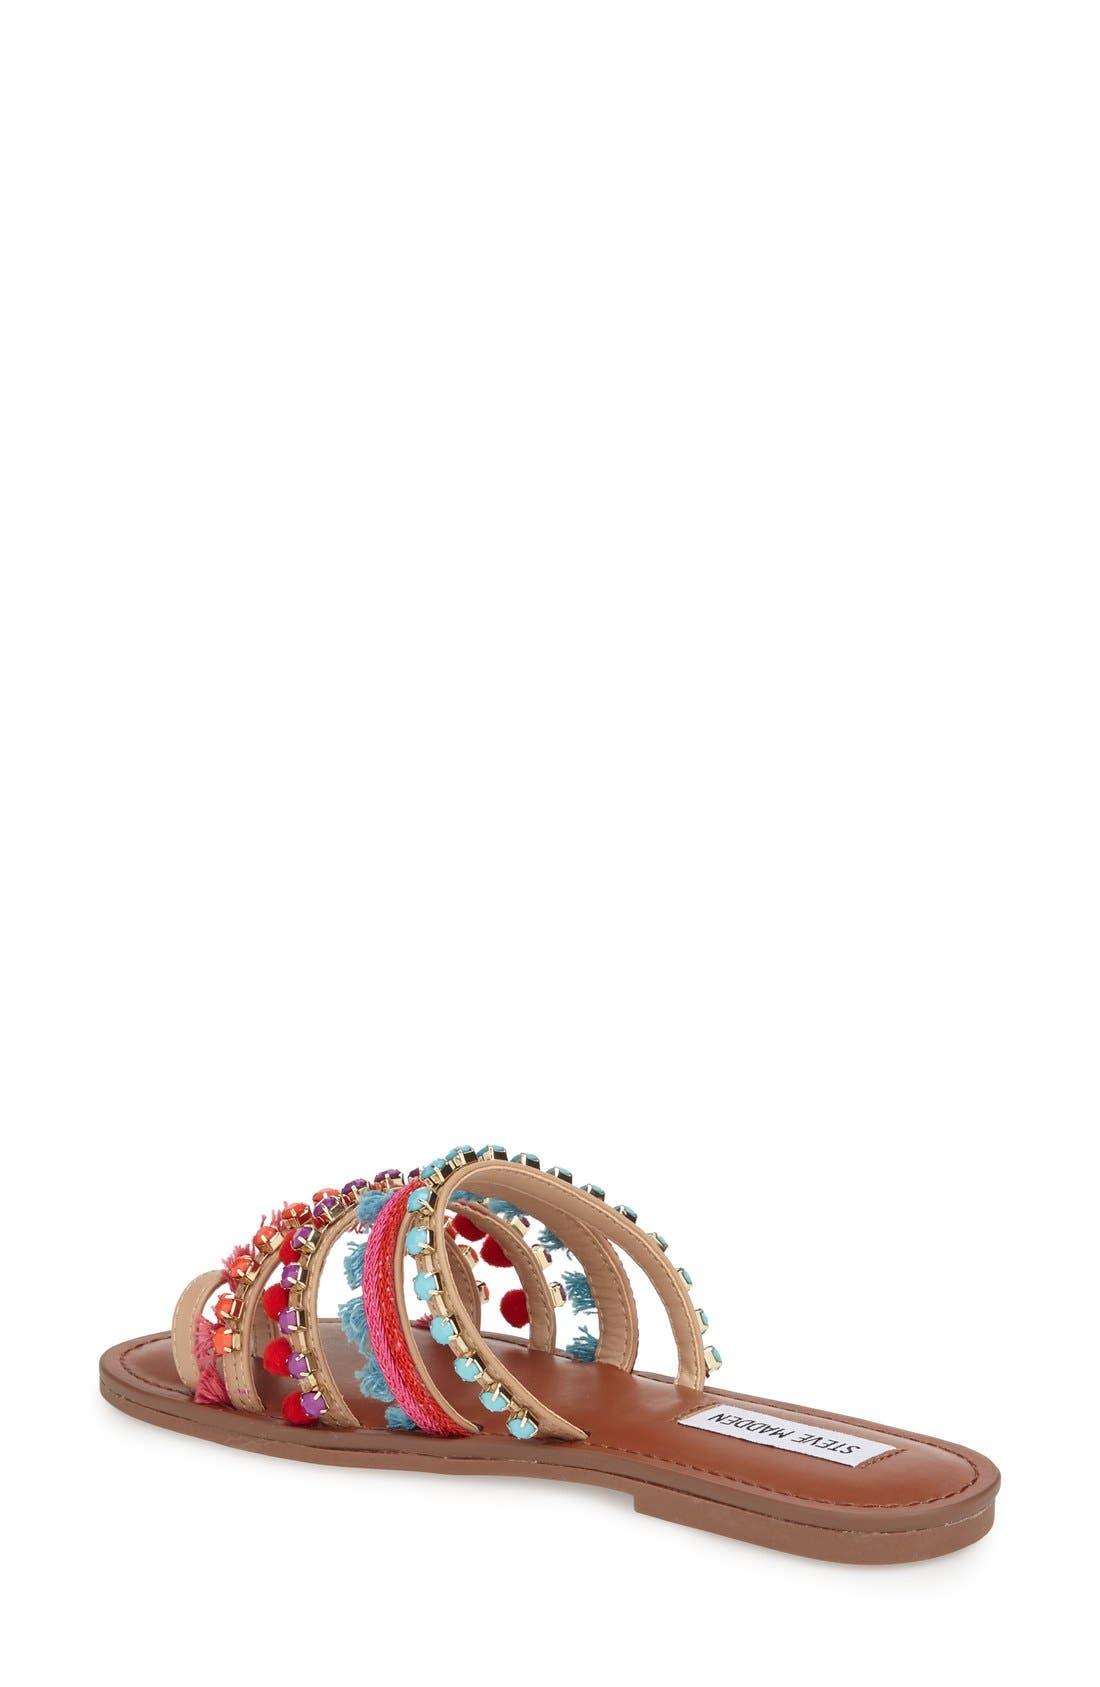 Alternate Image 2  - Steve Madden Multicolor Slide Sandal (Women)